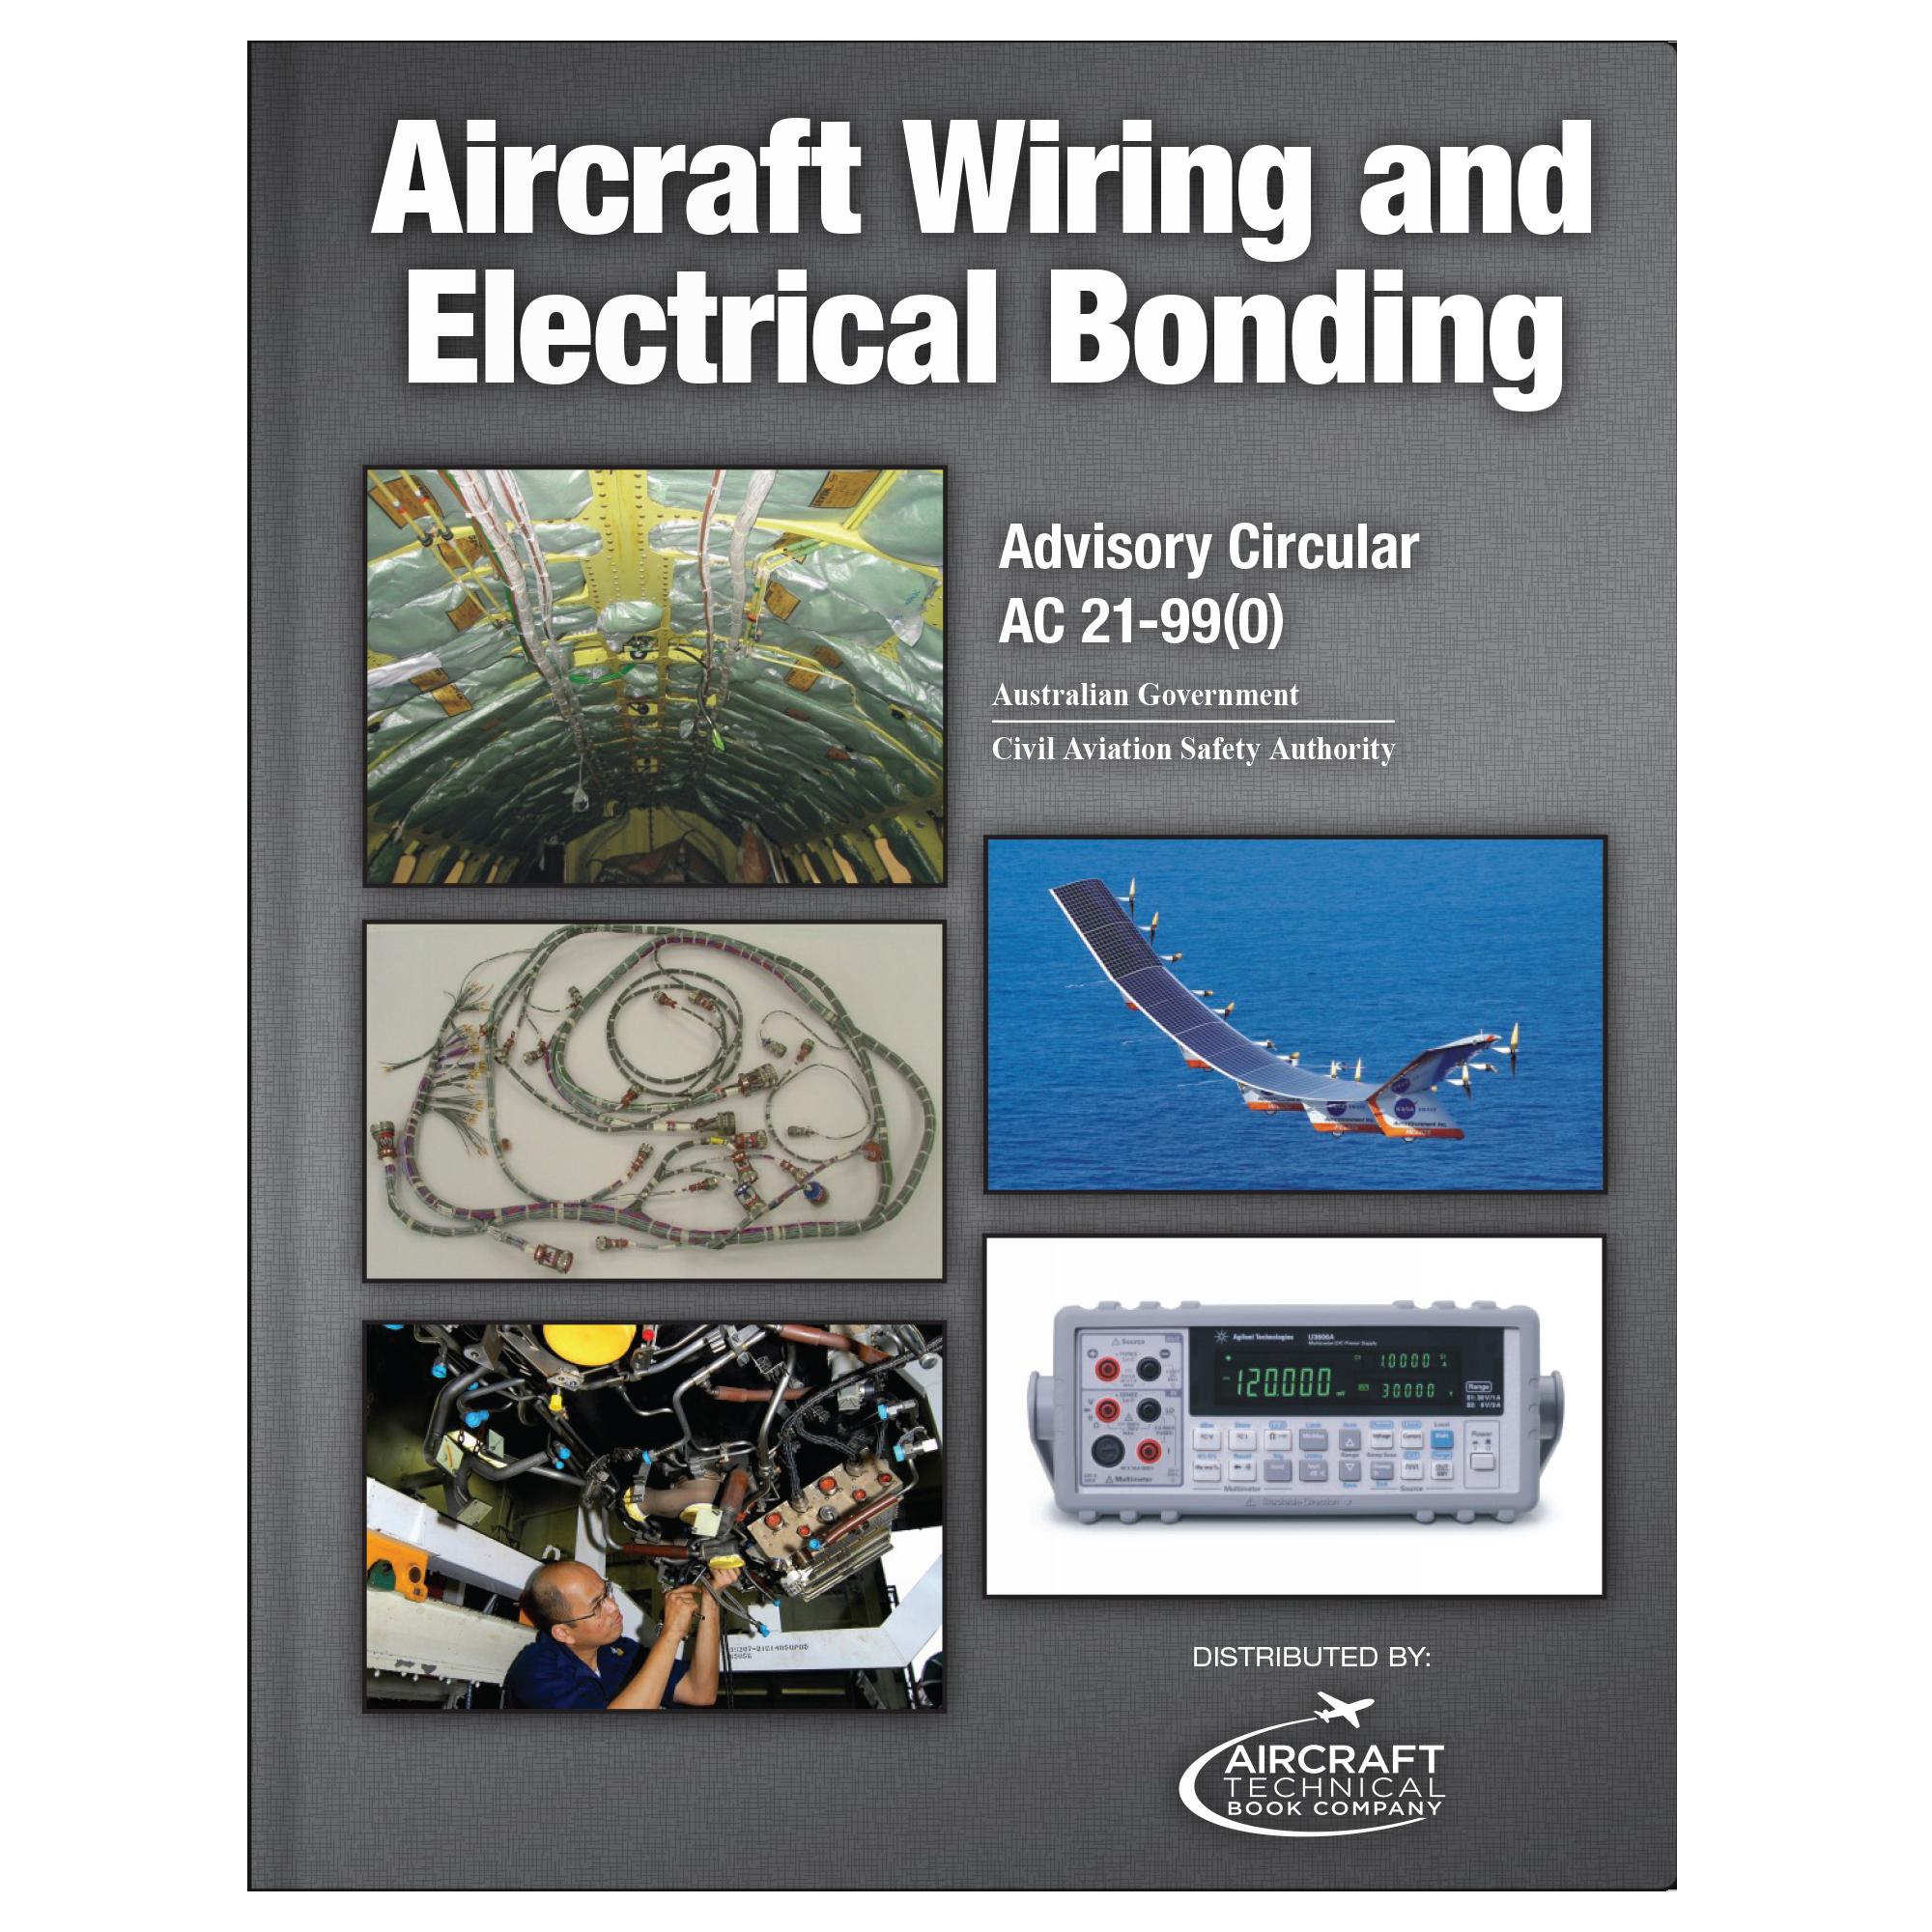 Wiring & Electrical Bonding